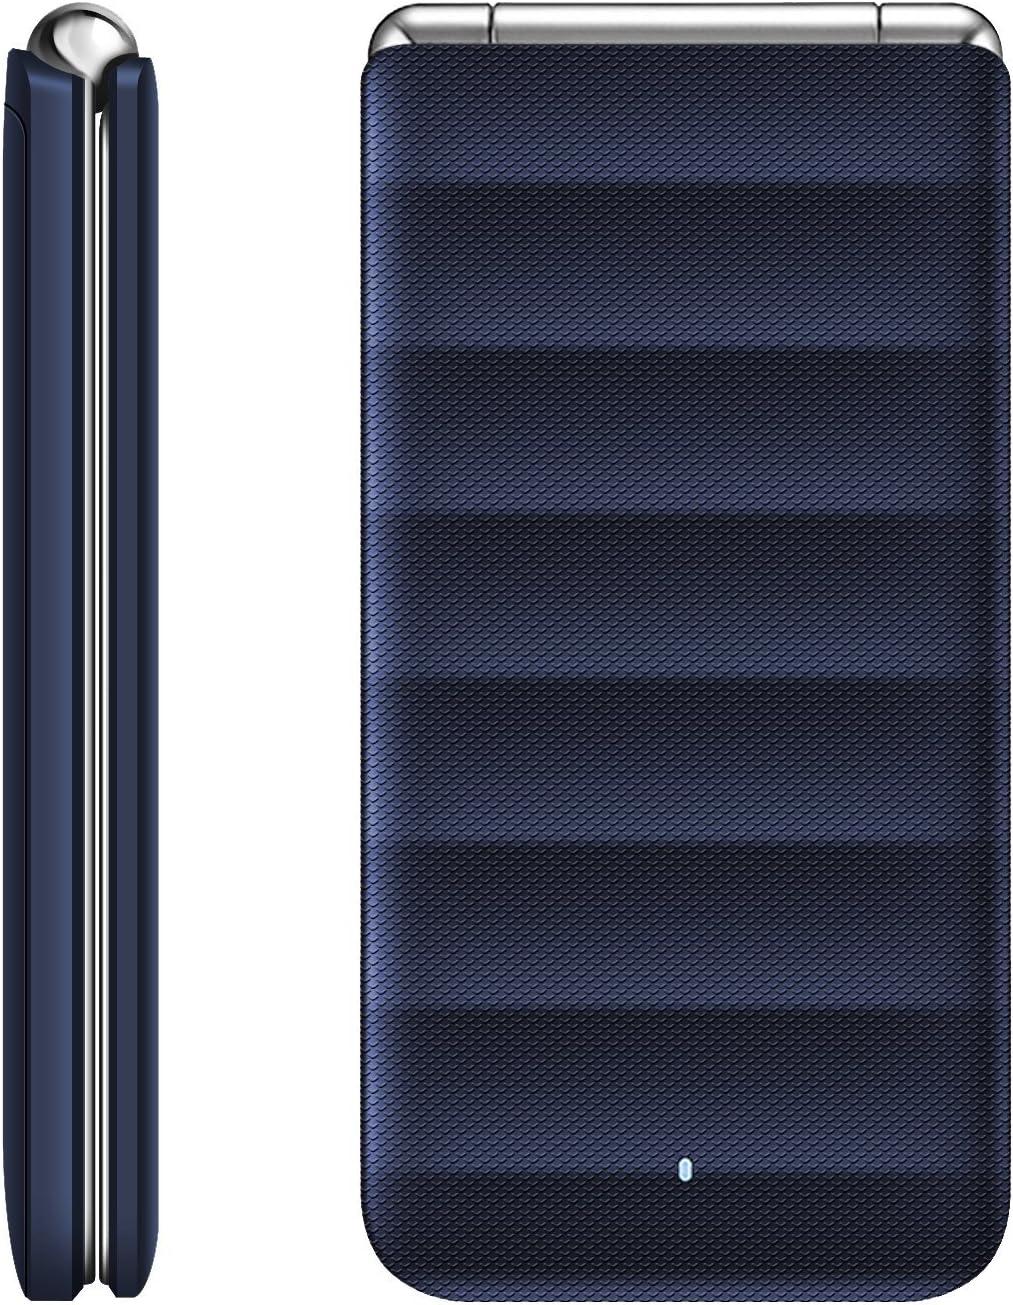 2.4 , 0,3 MP, 900 mAh, Negro Tel/éfono m/óvil SWITEL M270 2.4 Negro Caracter/ística del tel/éfono Concha, SIM Doble, 6,1 cm